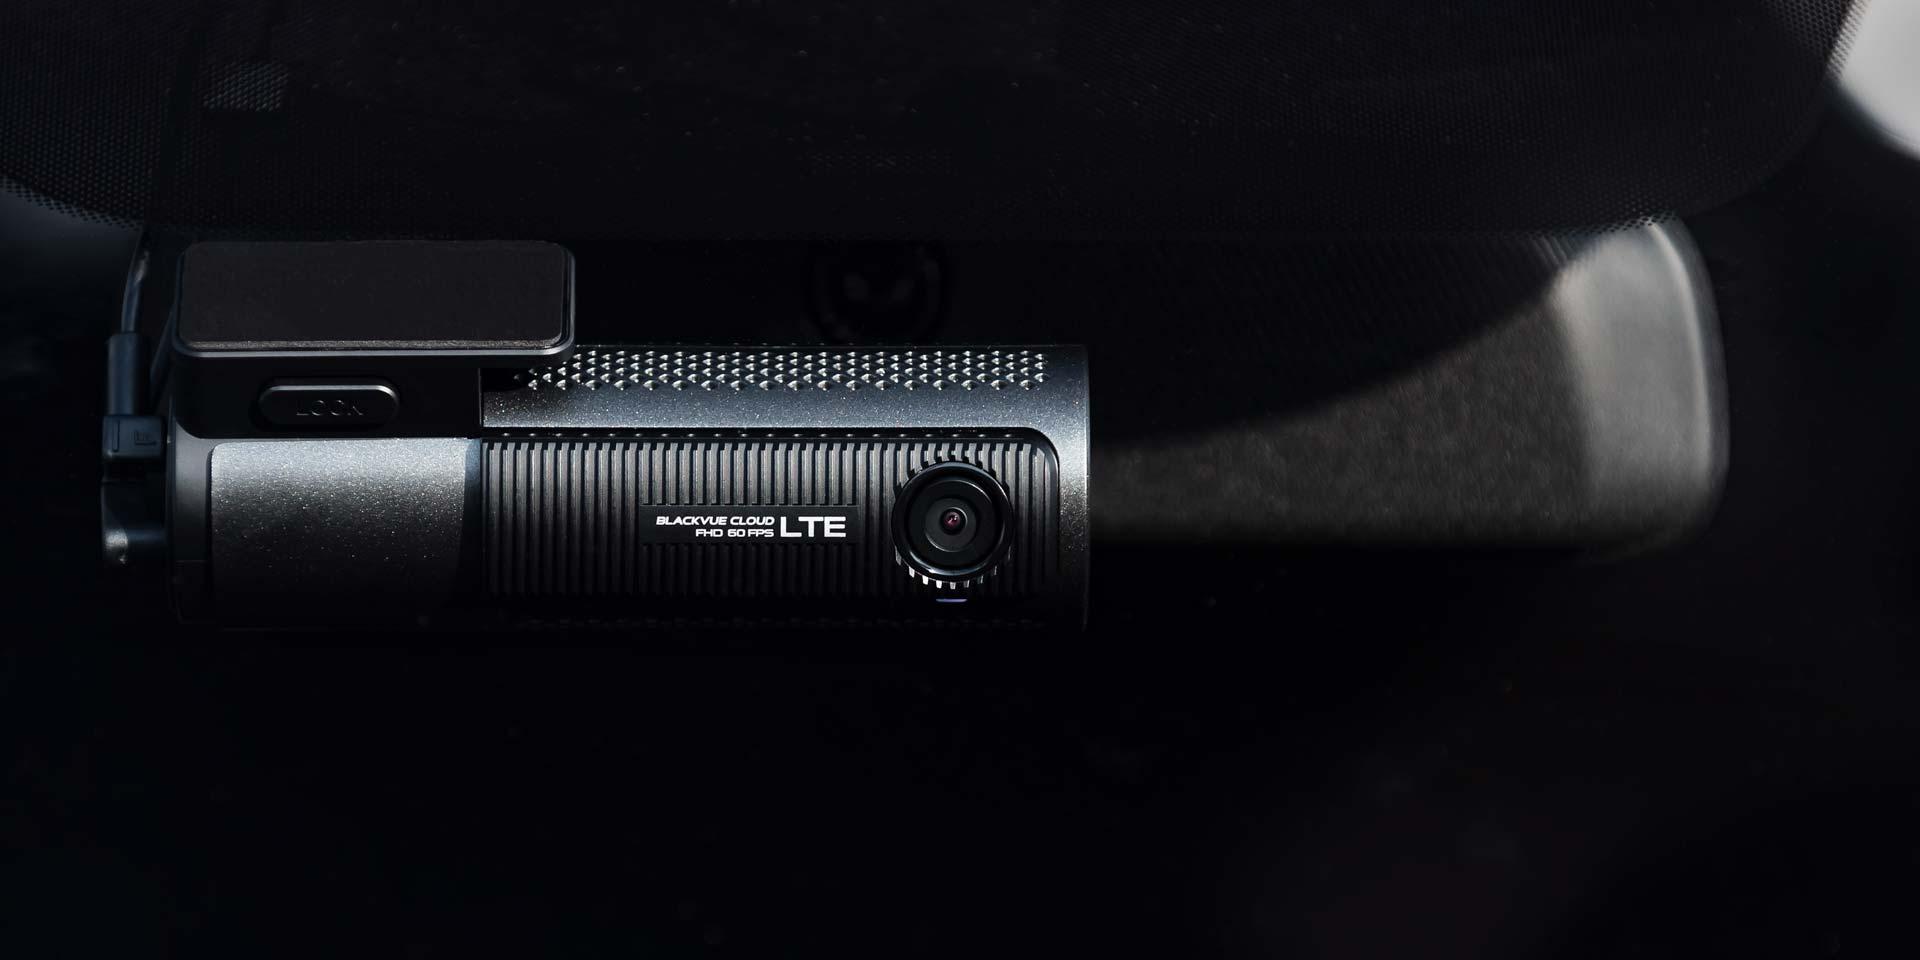 blackvue-dr750-2ch-lte-top-image-front